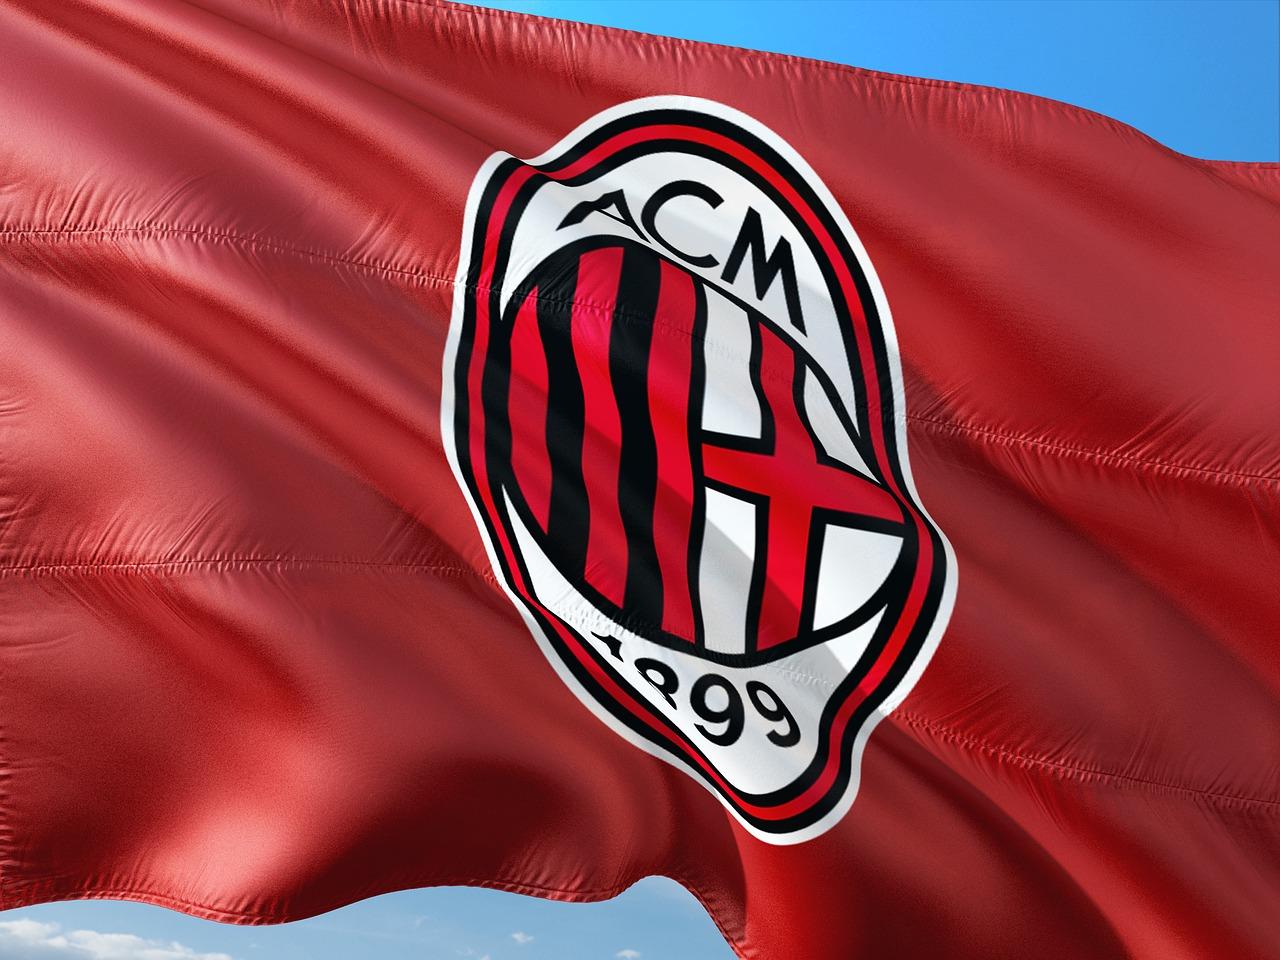 Abbiamo osannato troppo presto il Milan?